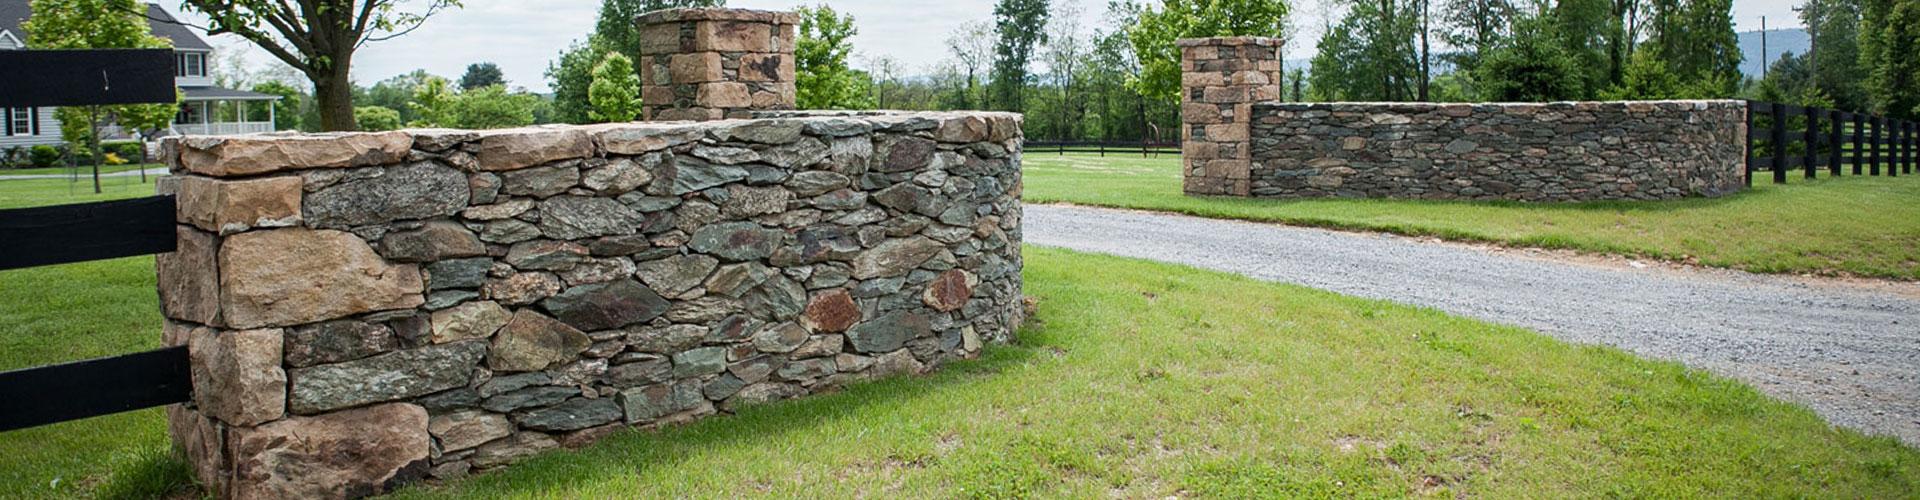 Entrance Walls and Columns   Loudoun County